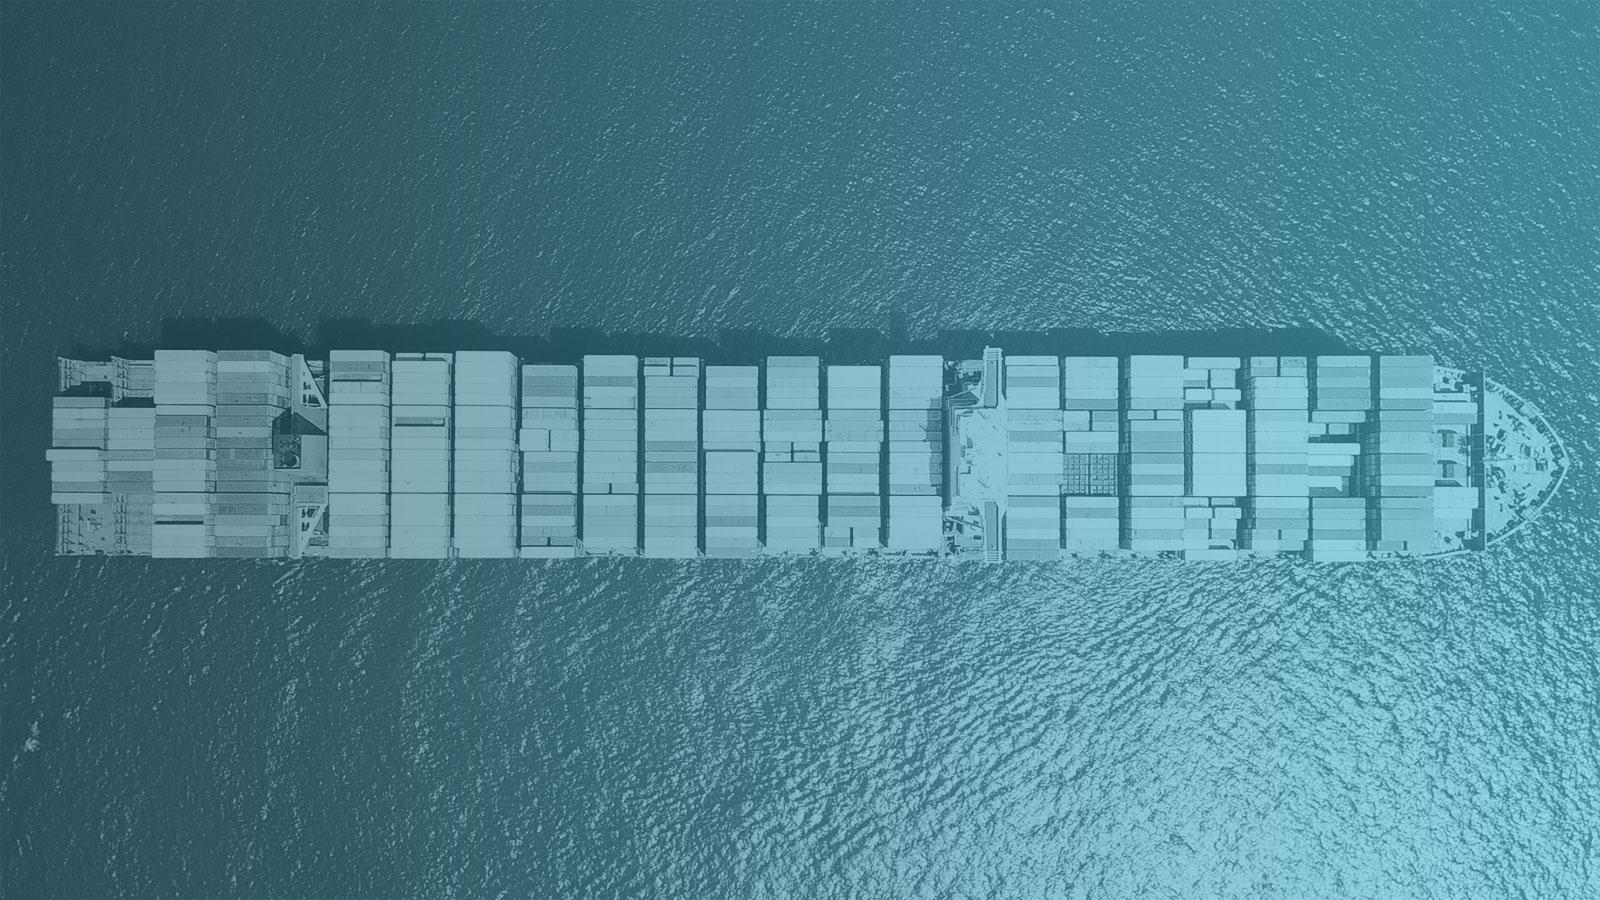 Beratung für Firmen im Bereich der Linienschifffahrt